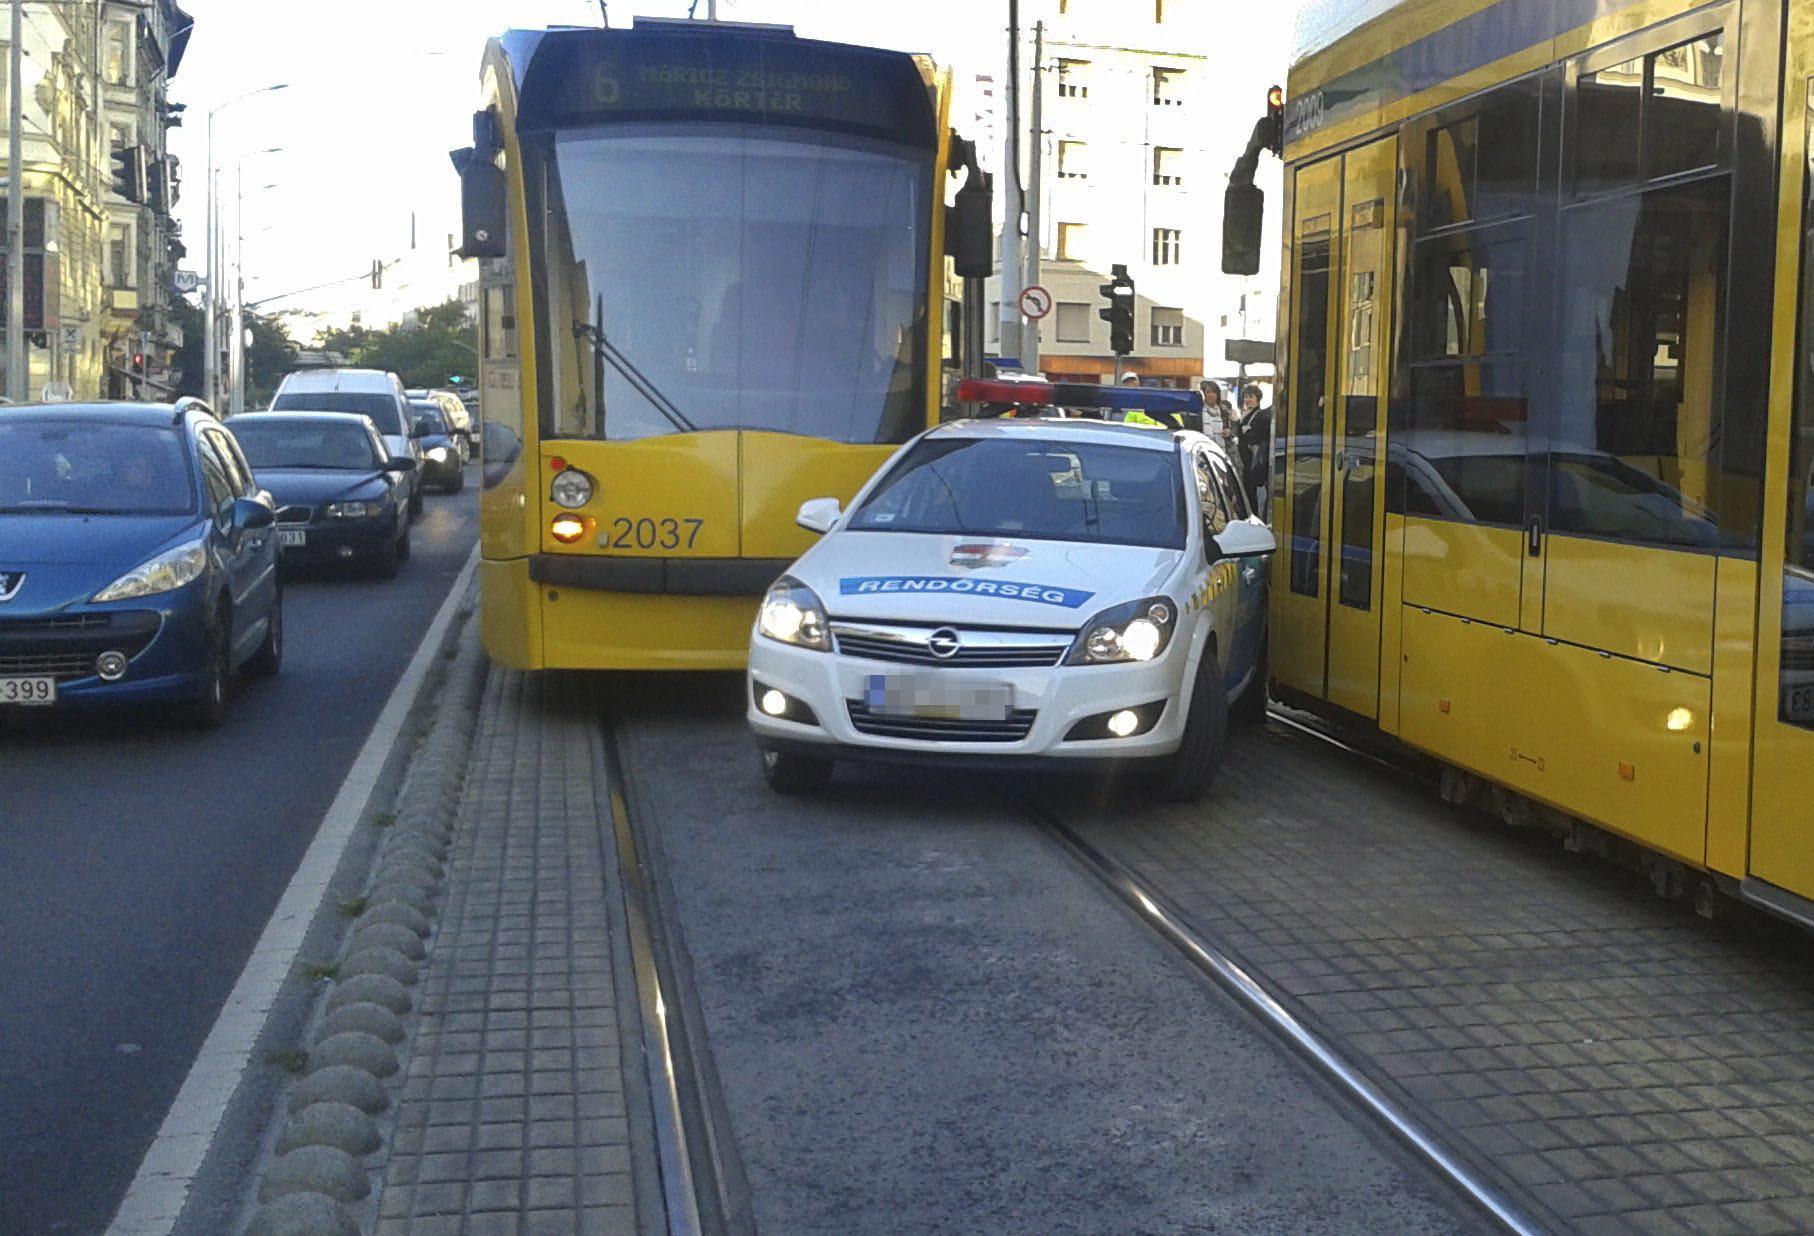 La polizia incastrata tra due tram a Budapest